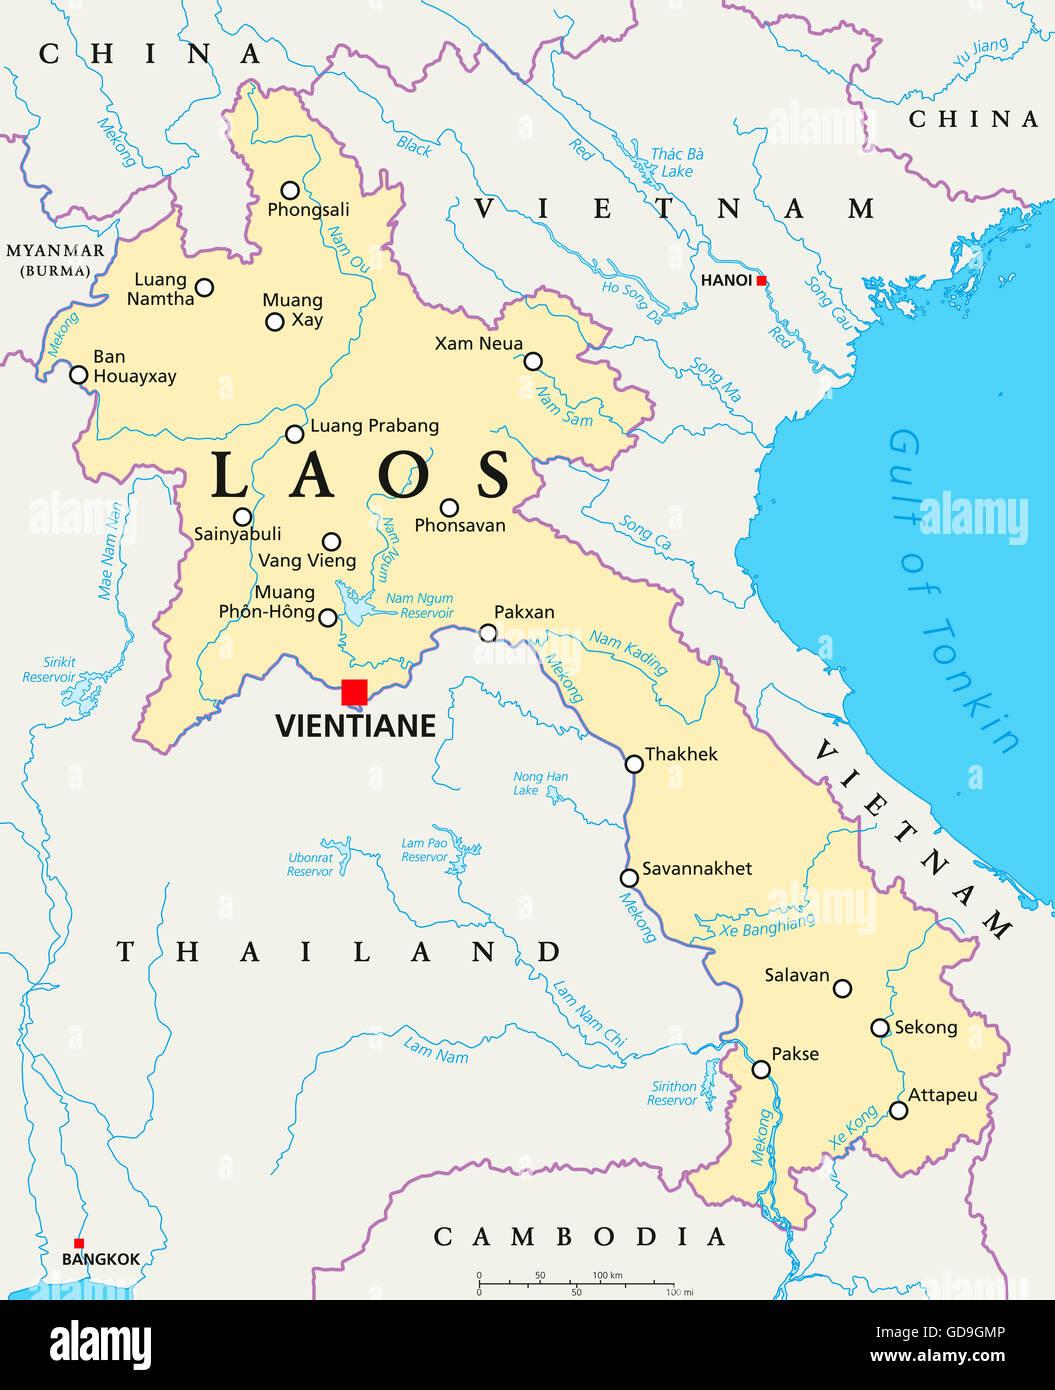 Thailand Political Map Capital Bangkok Stock Photos Thailand